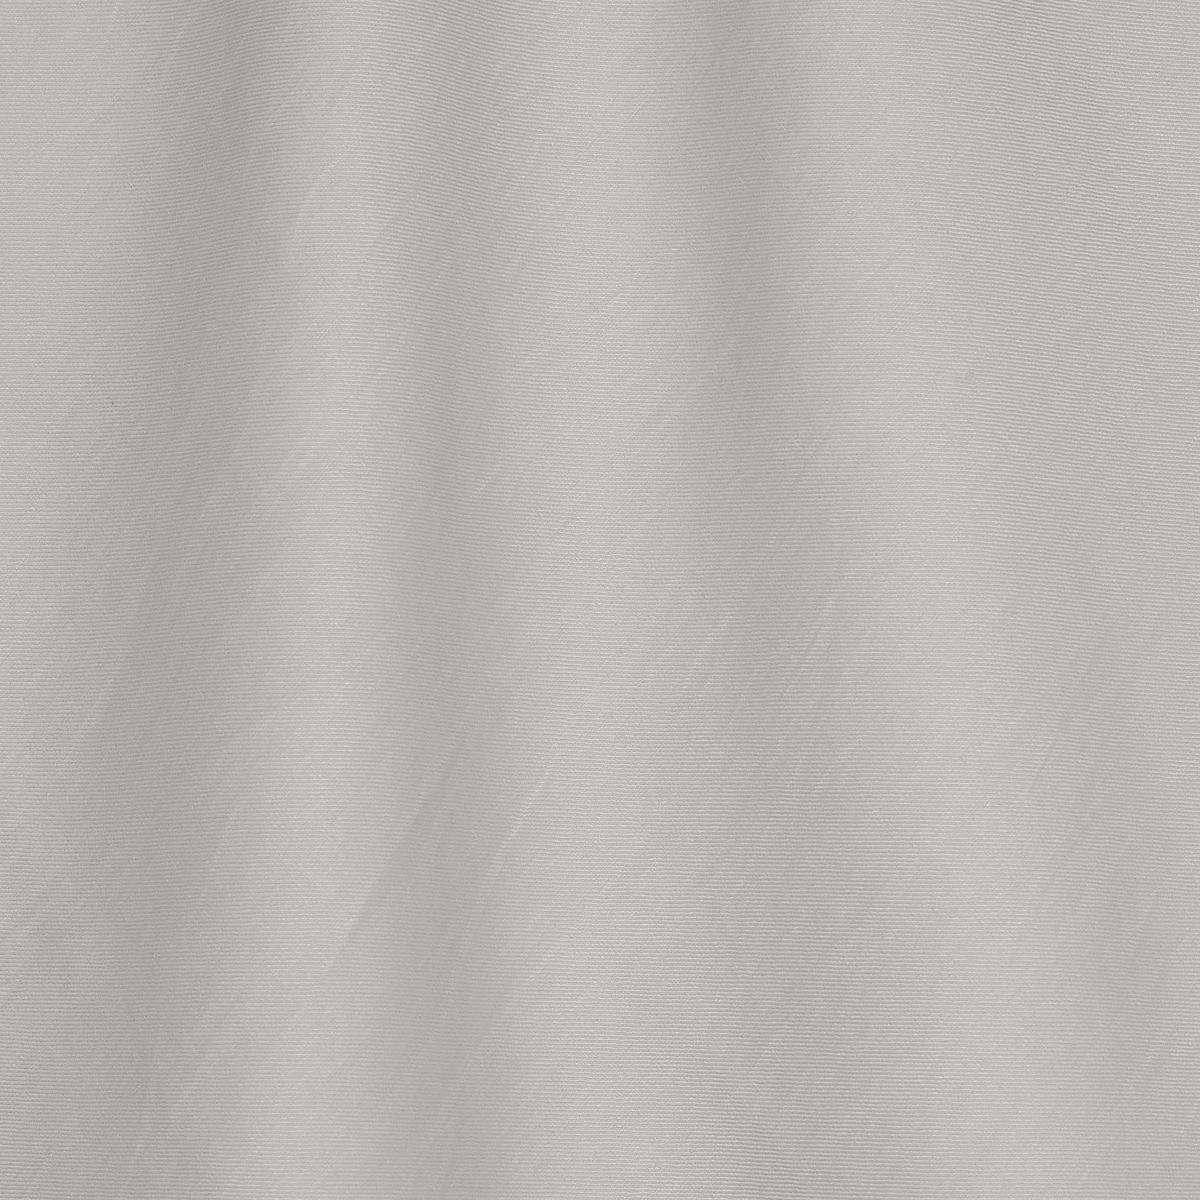 Льняная саржа светлого серо-жемчужного цвета